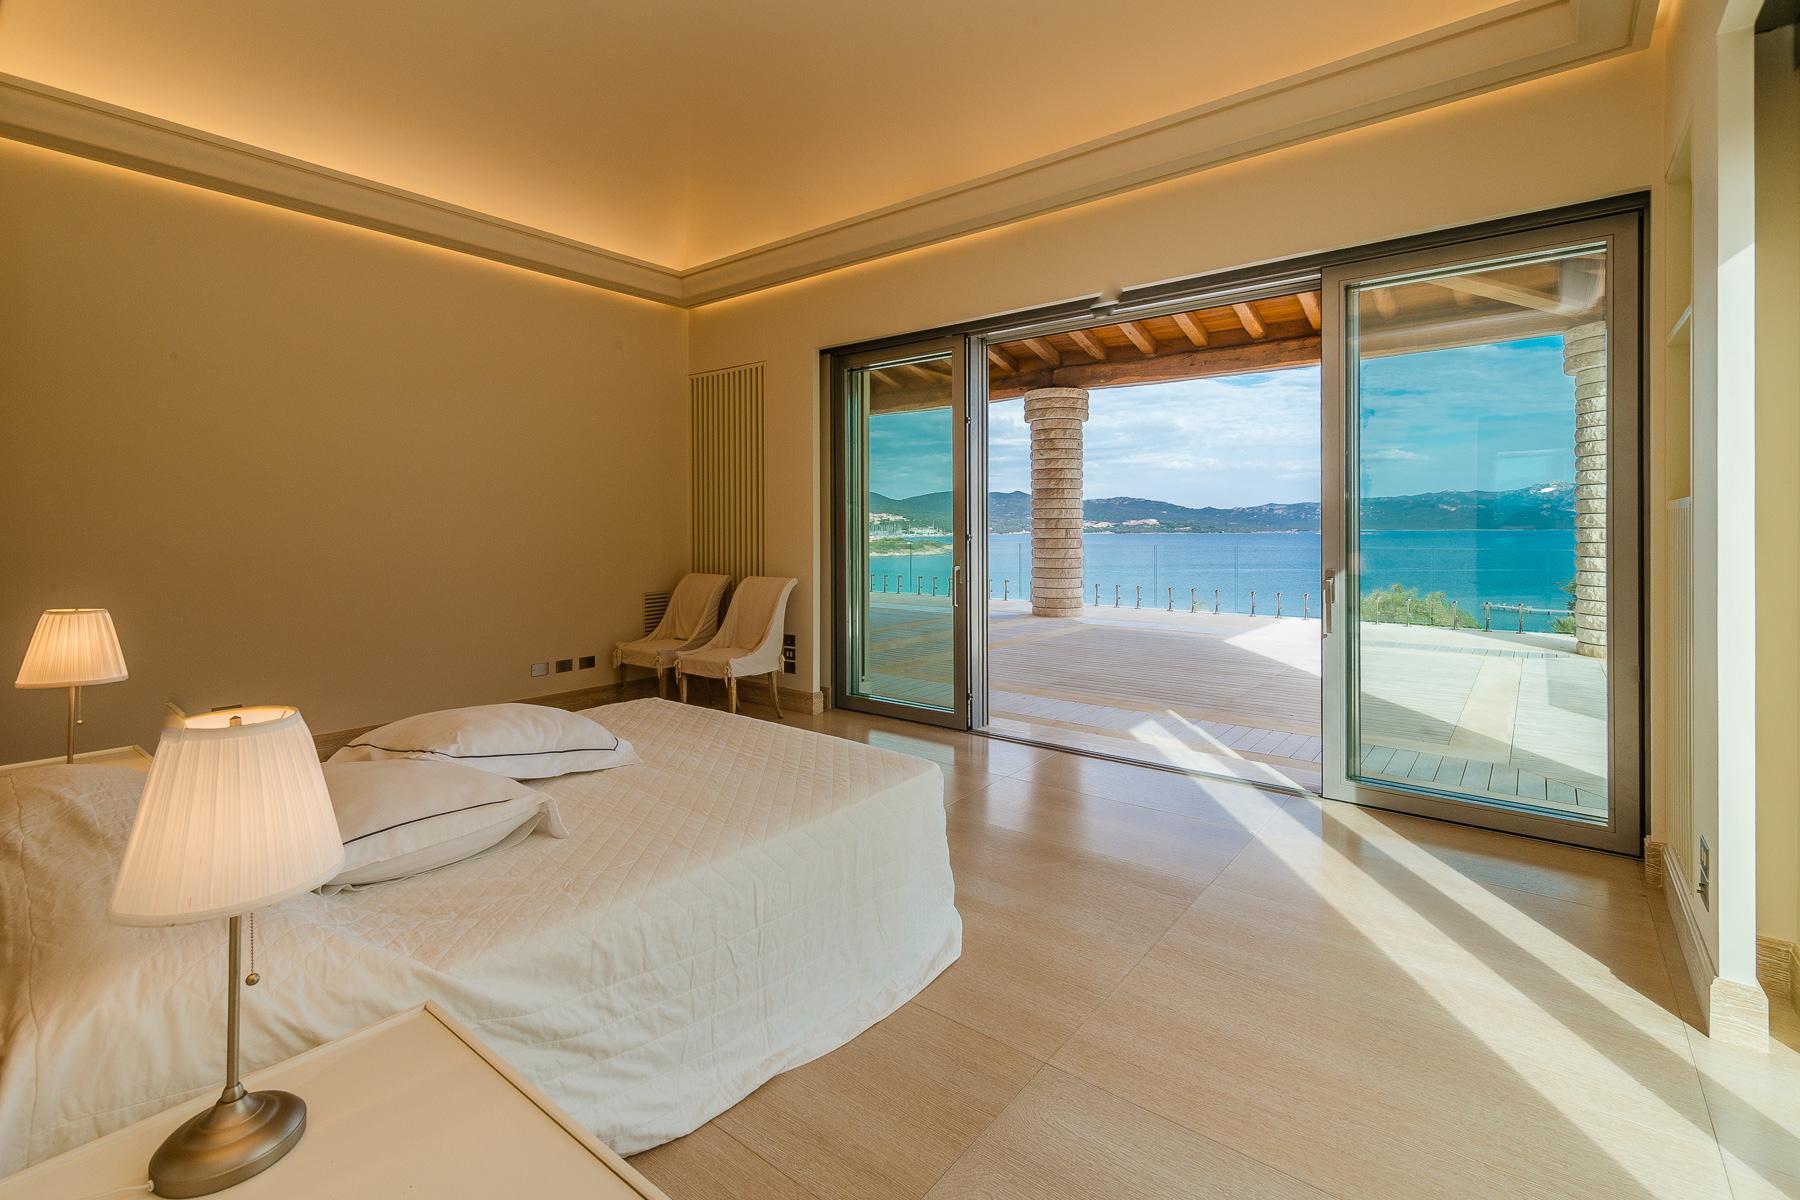 Meravigliosa villa sul mare in Costa Smeralda - 15